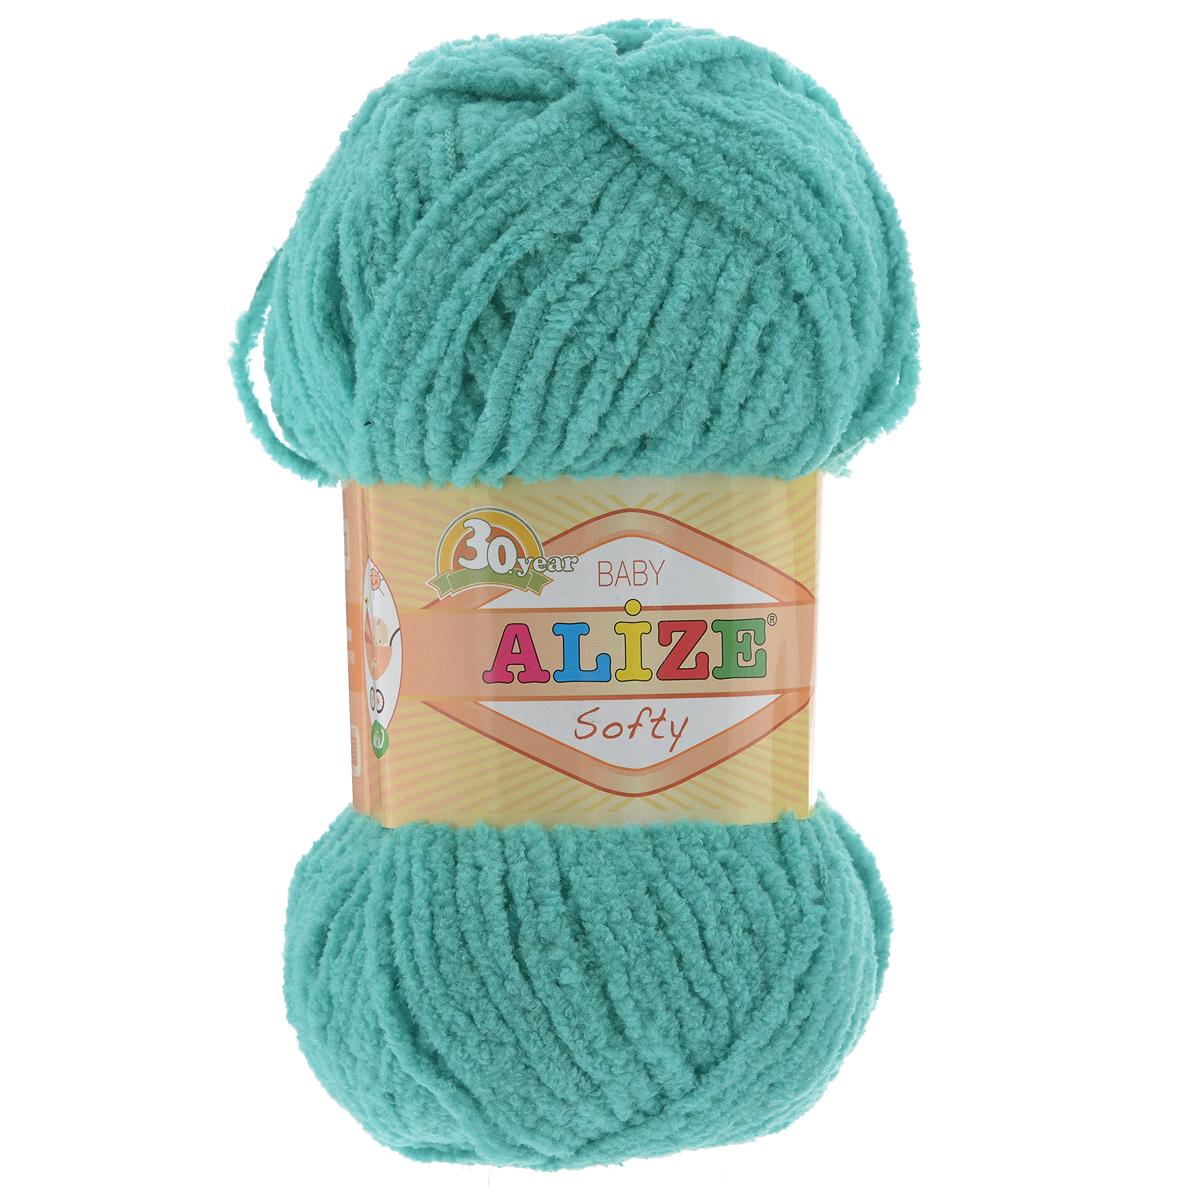 Пряжа для вязания Alize Softy, цвет: бирюзовый (490), 115 м, 50 г, 5 шт694530_490Пряжа для вязания Alize Softy изготовлена из микрополиэстера. Фантазийная плюшевая пряжа для ручного вязания прекрасно подойдет для детской одежды. Ниточка мягкая и приятная на ощупь. Подходит для вязания спицами и крючком. Рекомендованные спицы 3-5 мм и крючок для вязания 2-4 мм. Комплектация: 5 мотков.